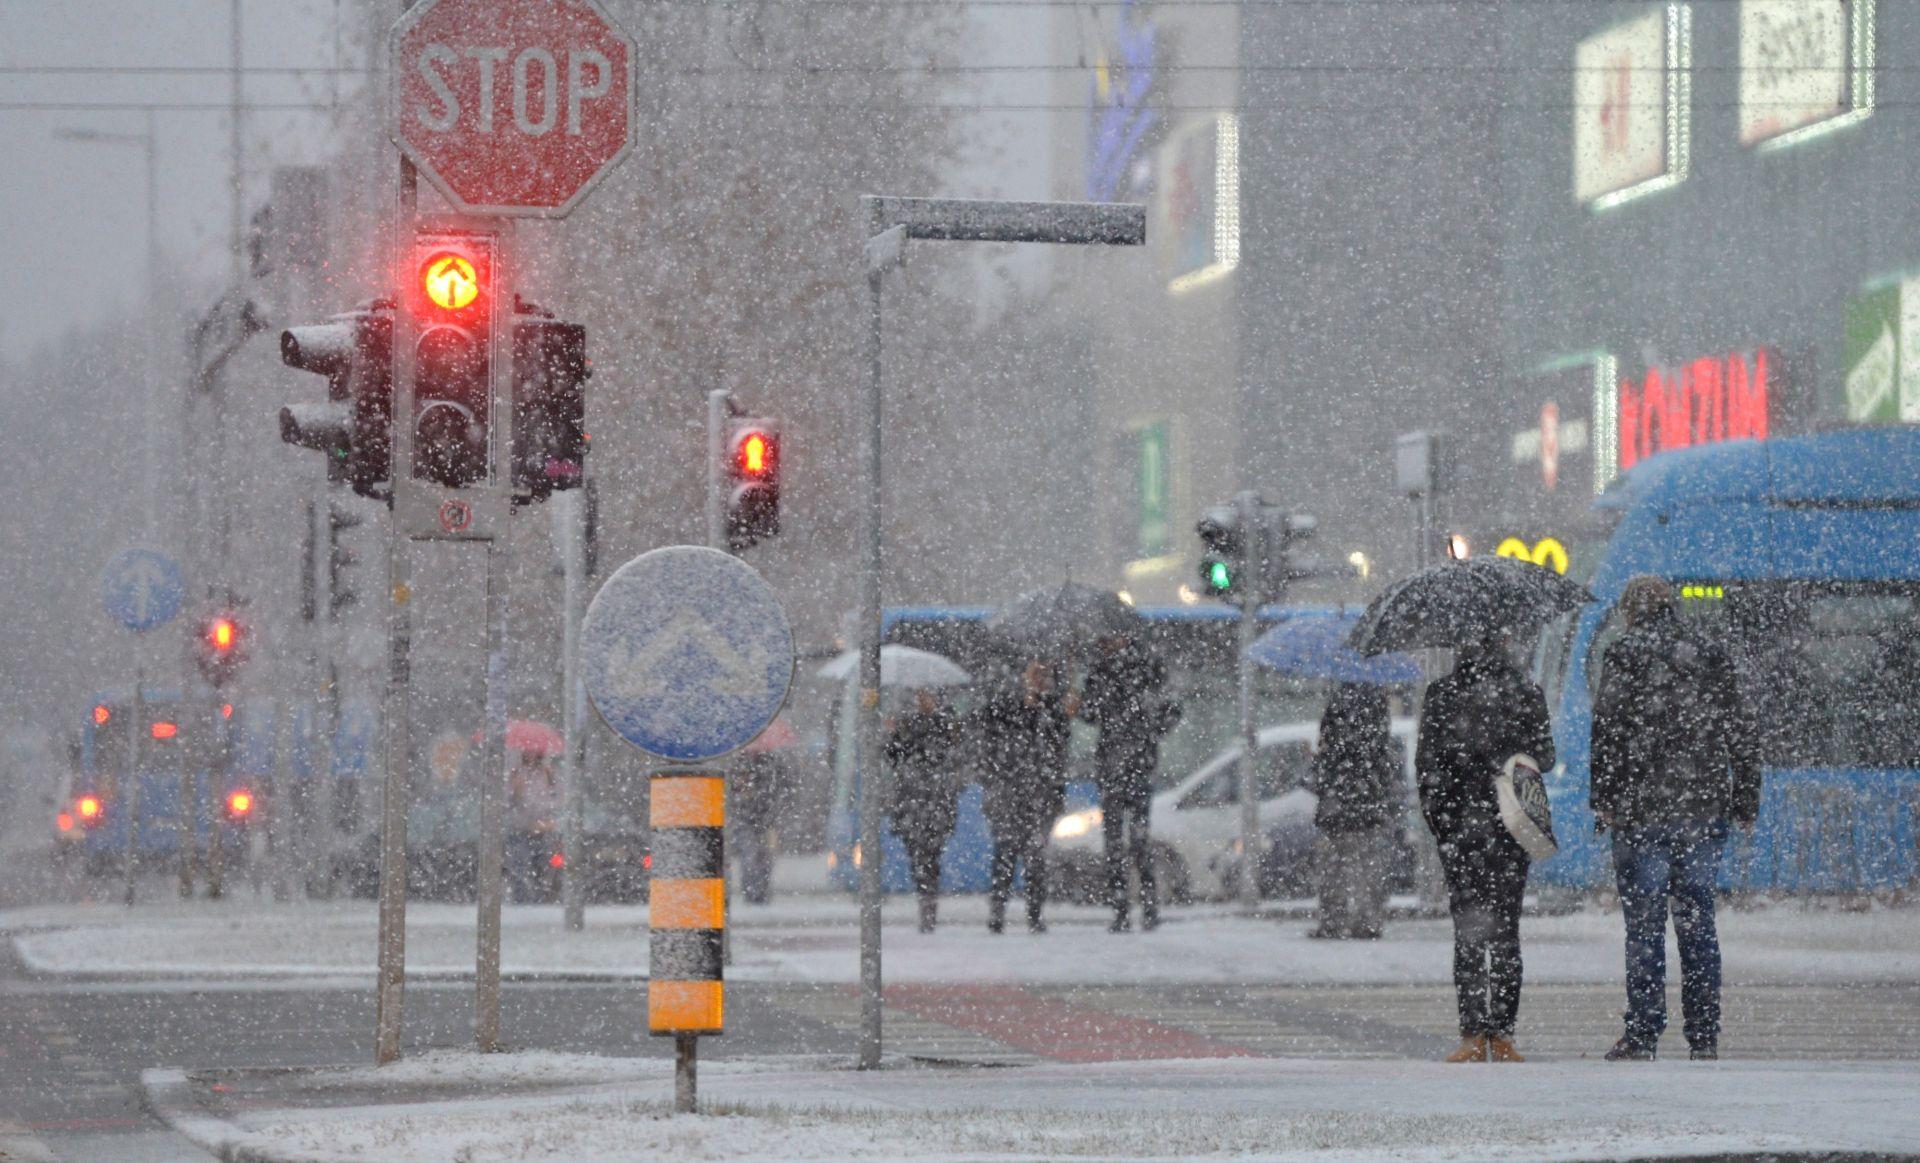 UPOZORENJE METEOALARMA: U unutrašnjosti se očekuje između 10 i 30 centimetara novog snijega